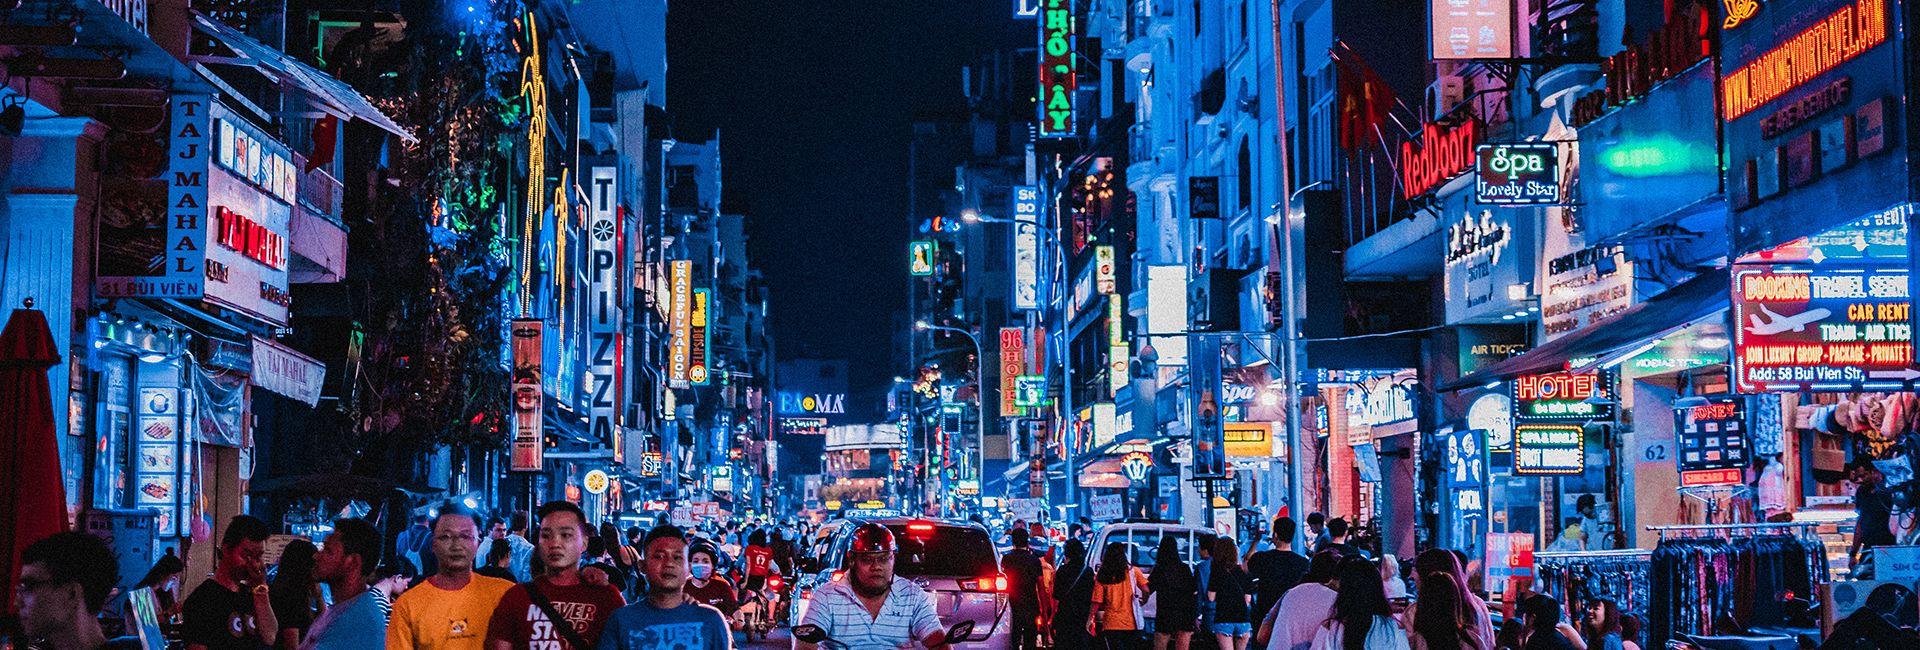 7 con phố ẩm thực Sài Gòn giới trẻ mách nhau đến nườm nượp